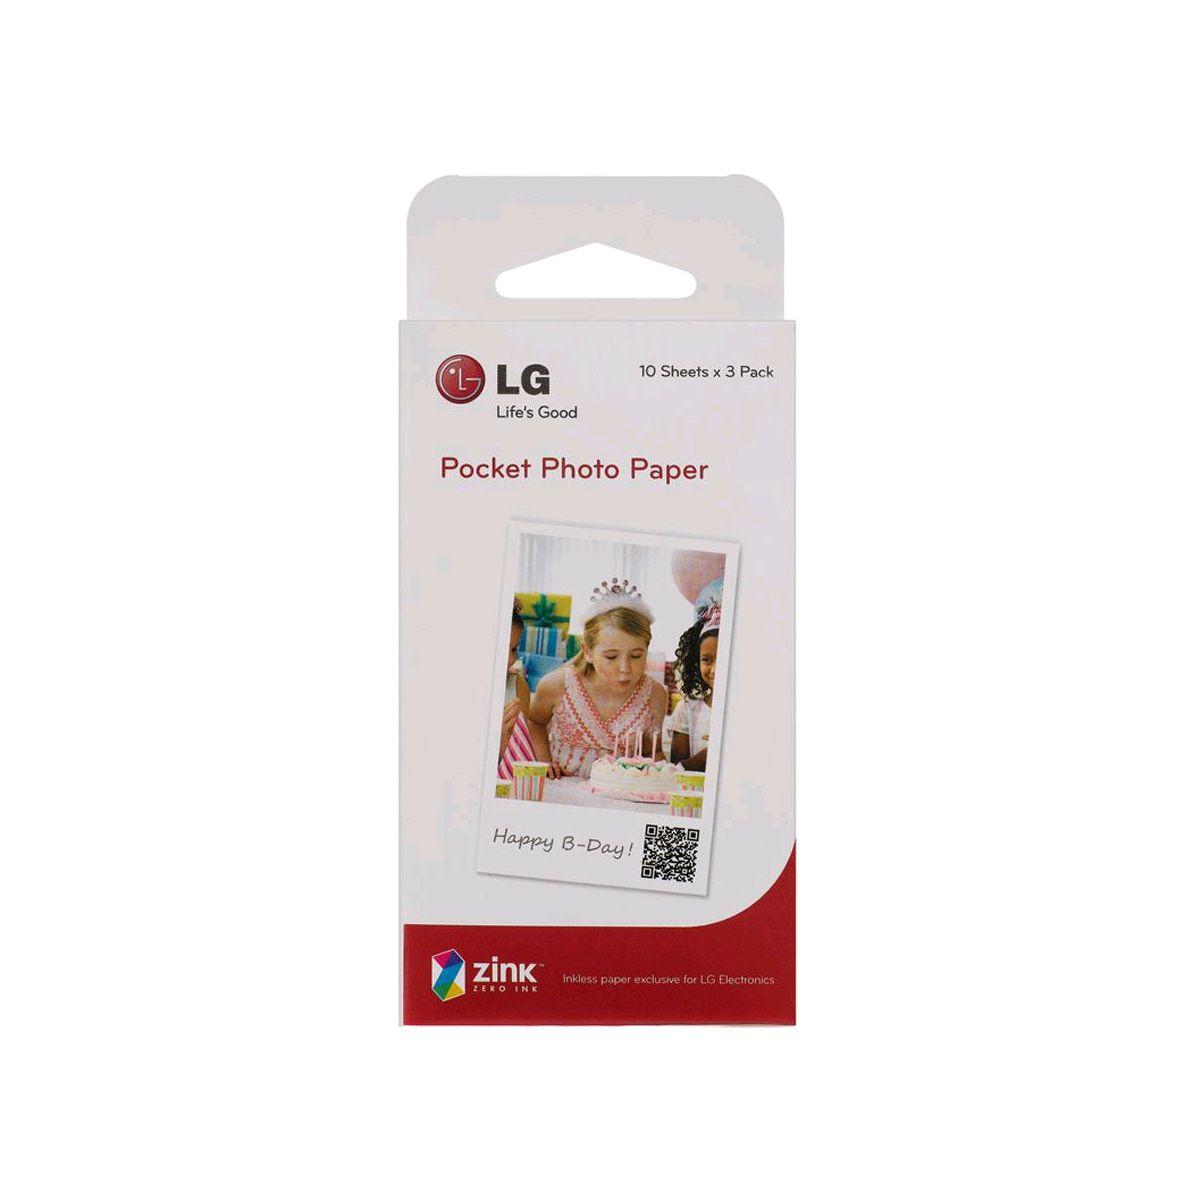 Papier photo instantané LG PS2203 Pocket Photo 3x10F